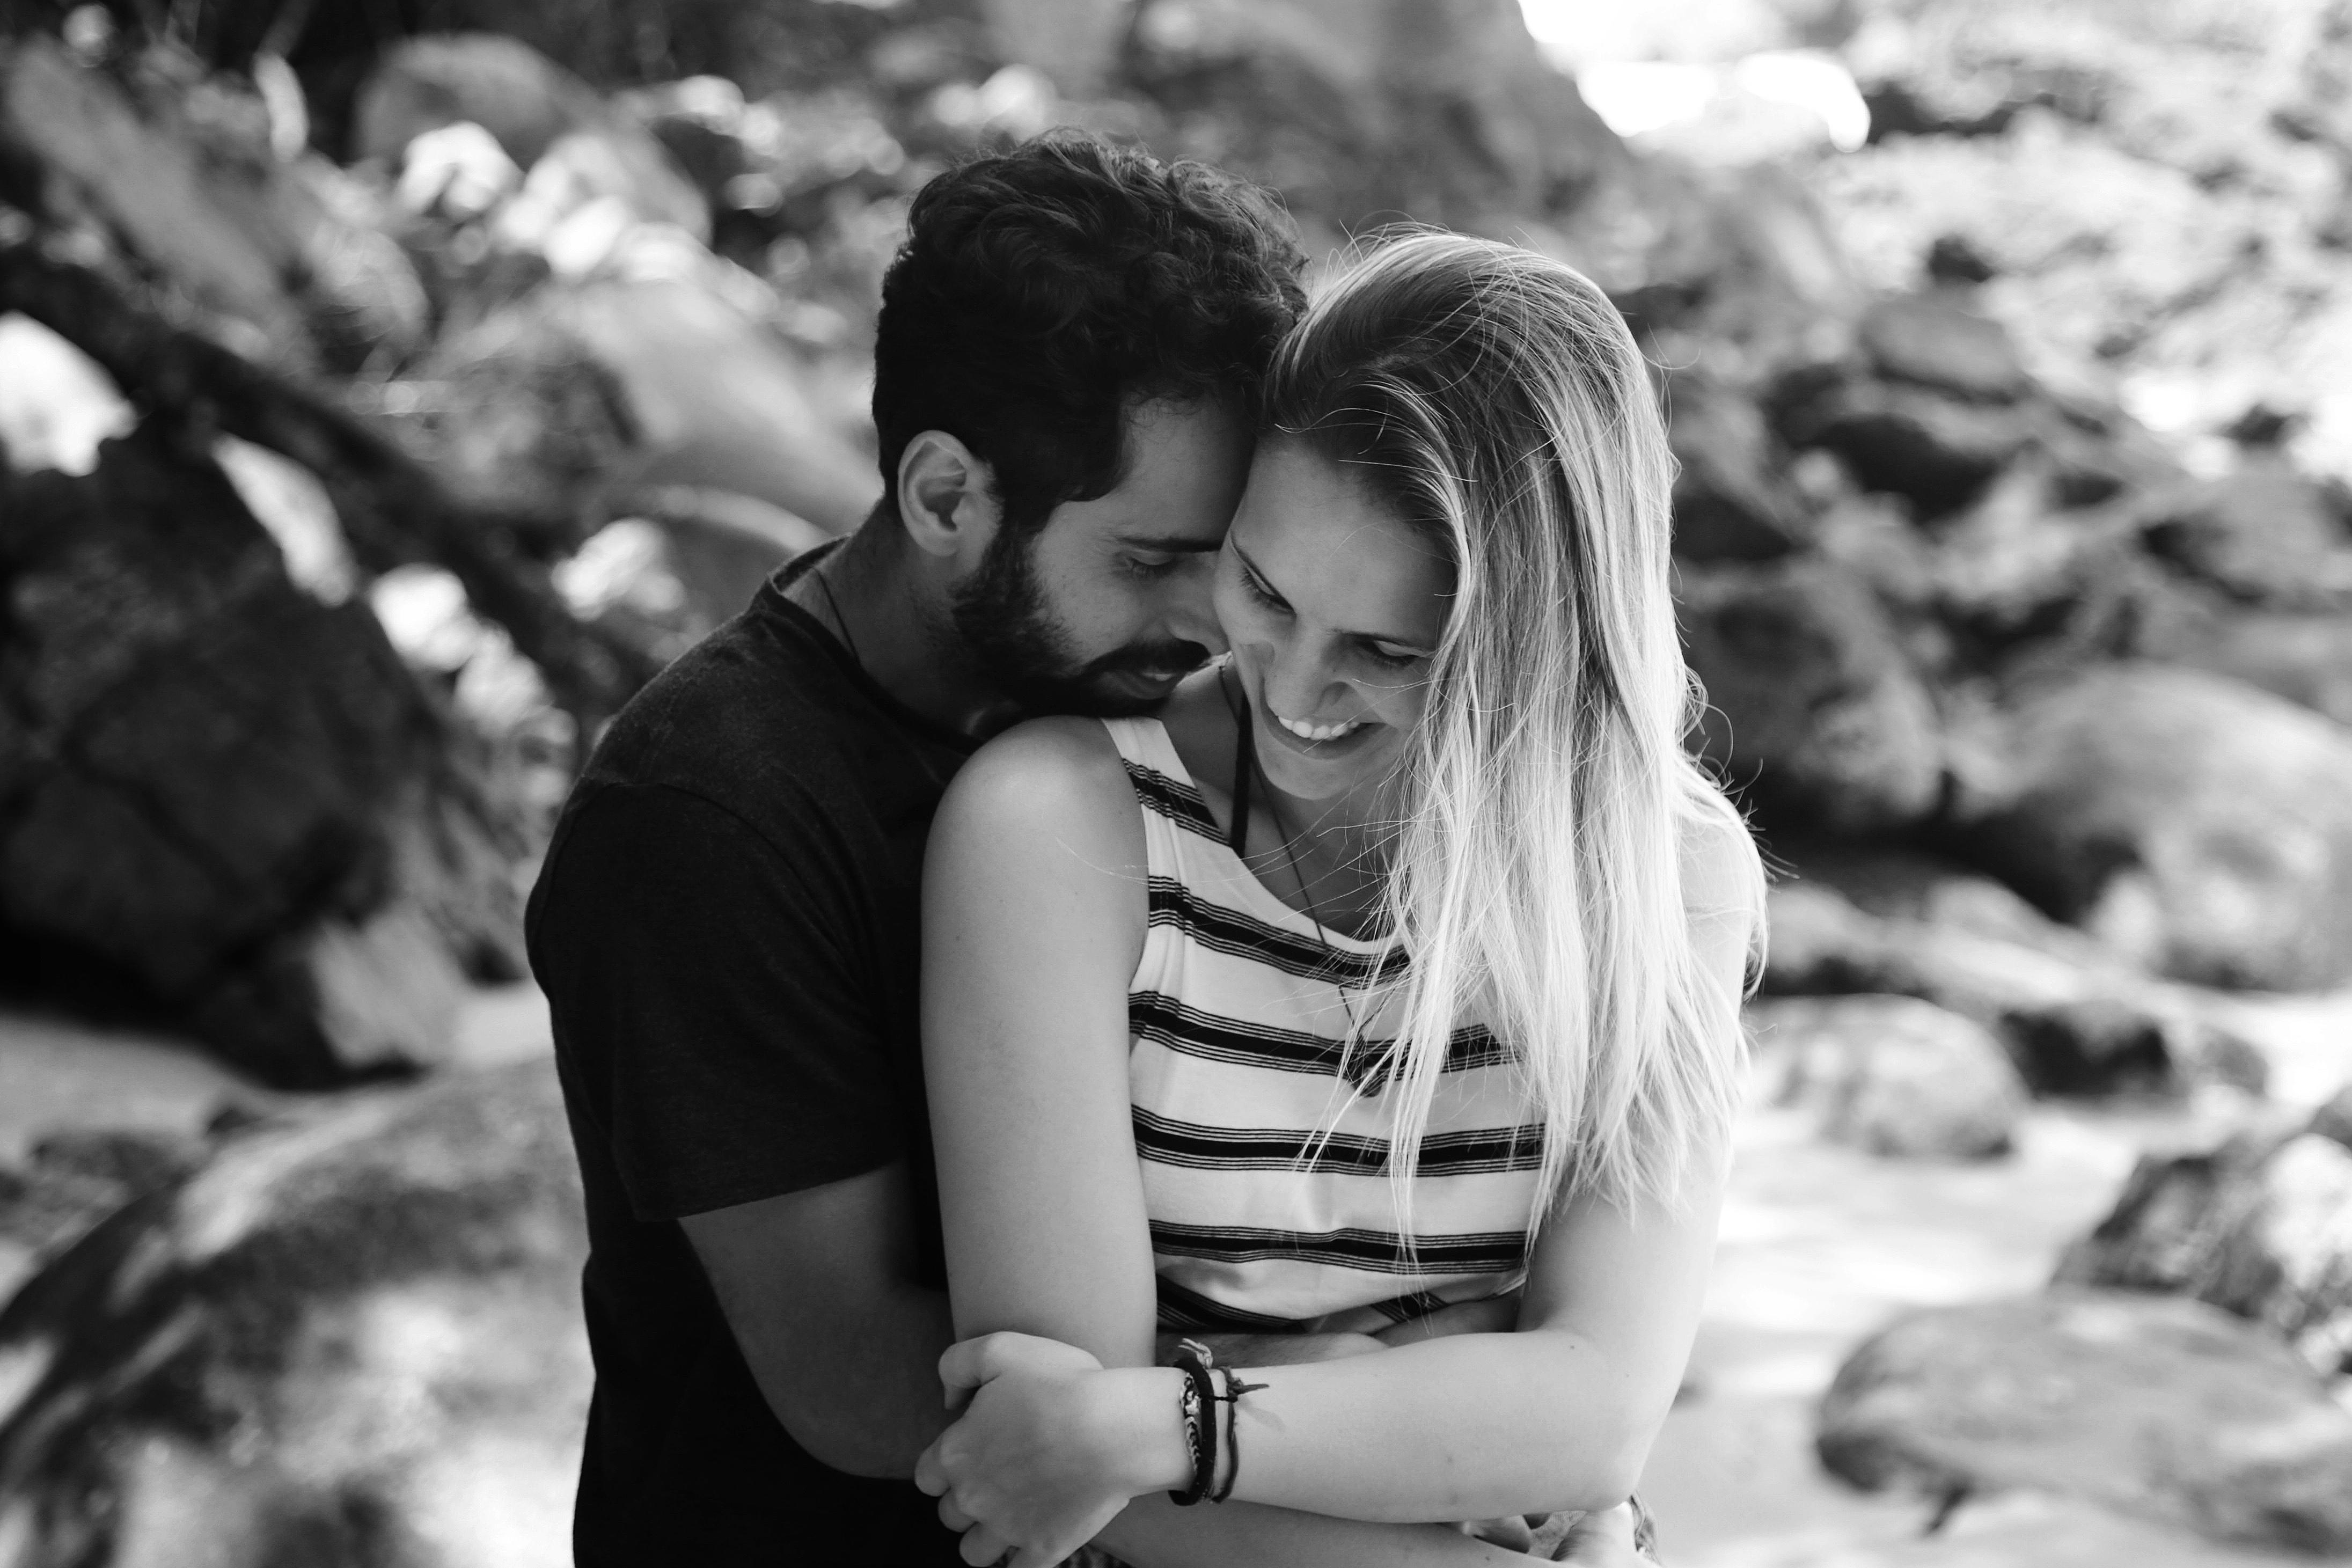 Sobre Erasmo Ballot | Fotografo de casamento/família e ensaios | Guaratinguetá-SP